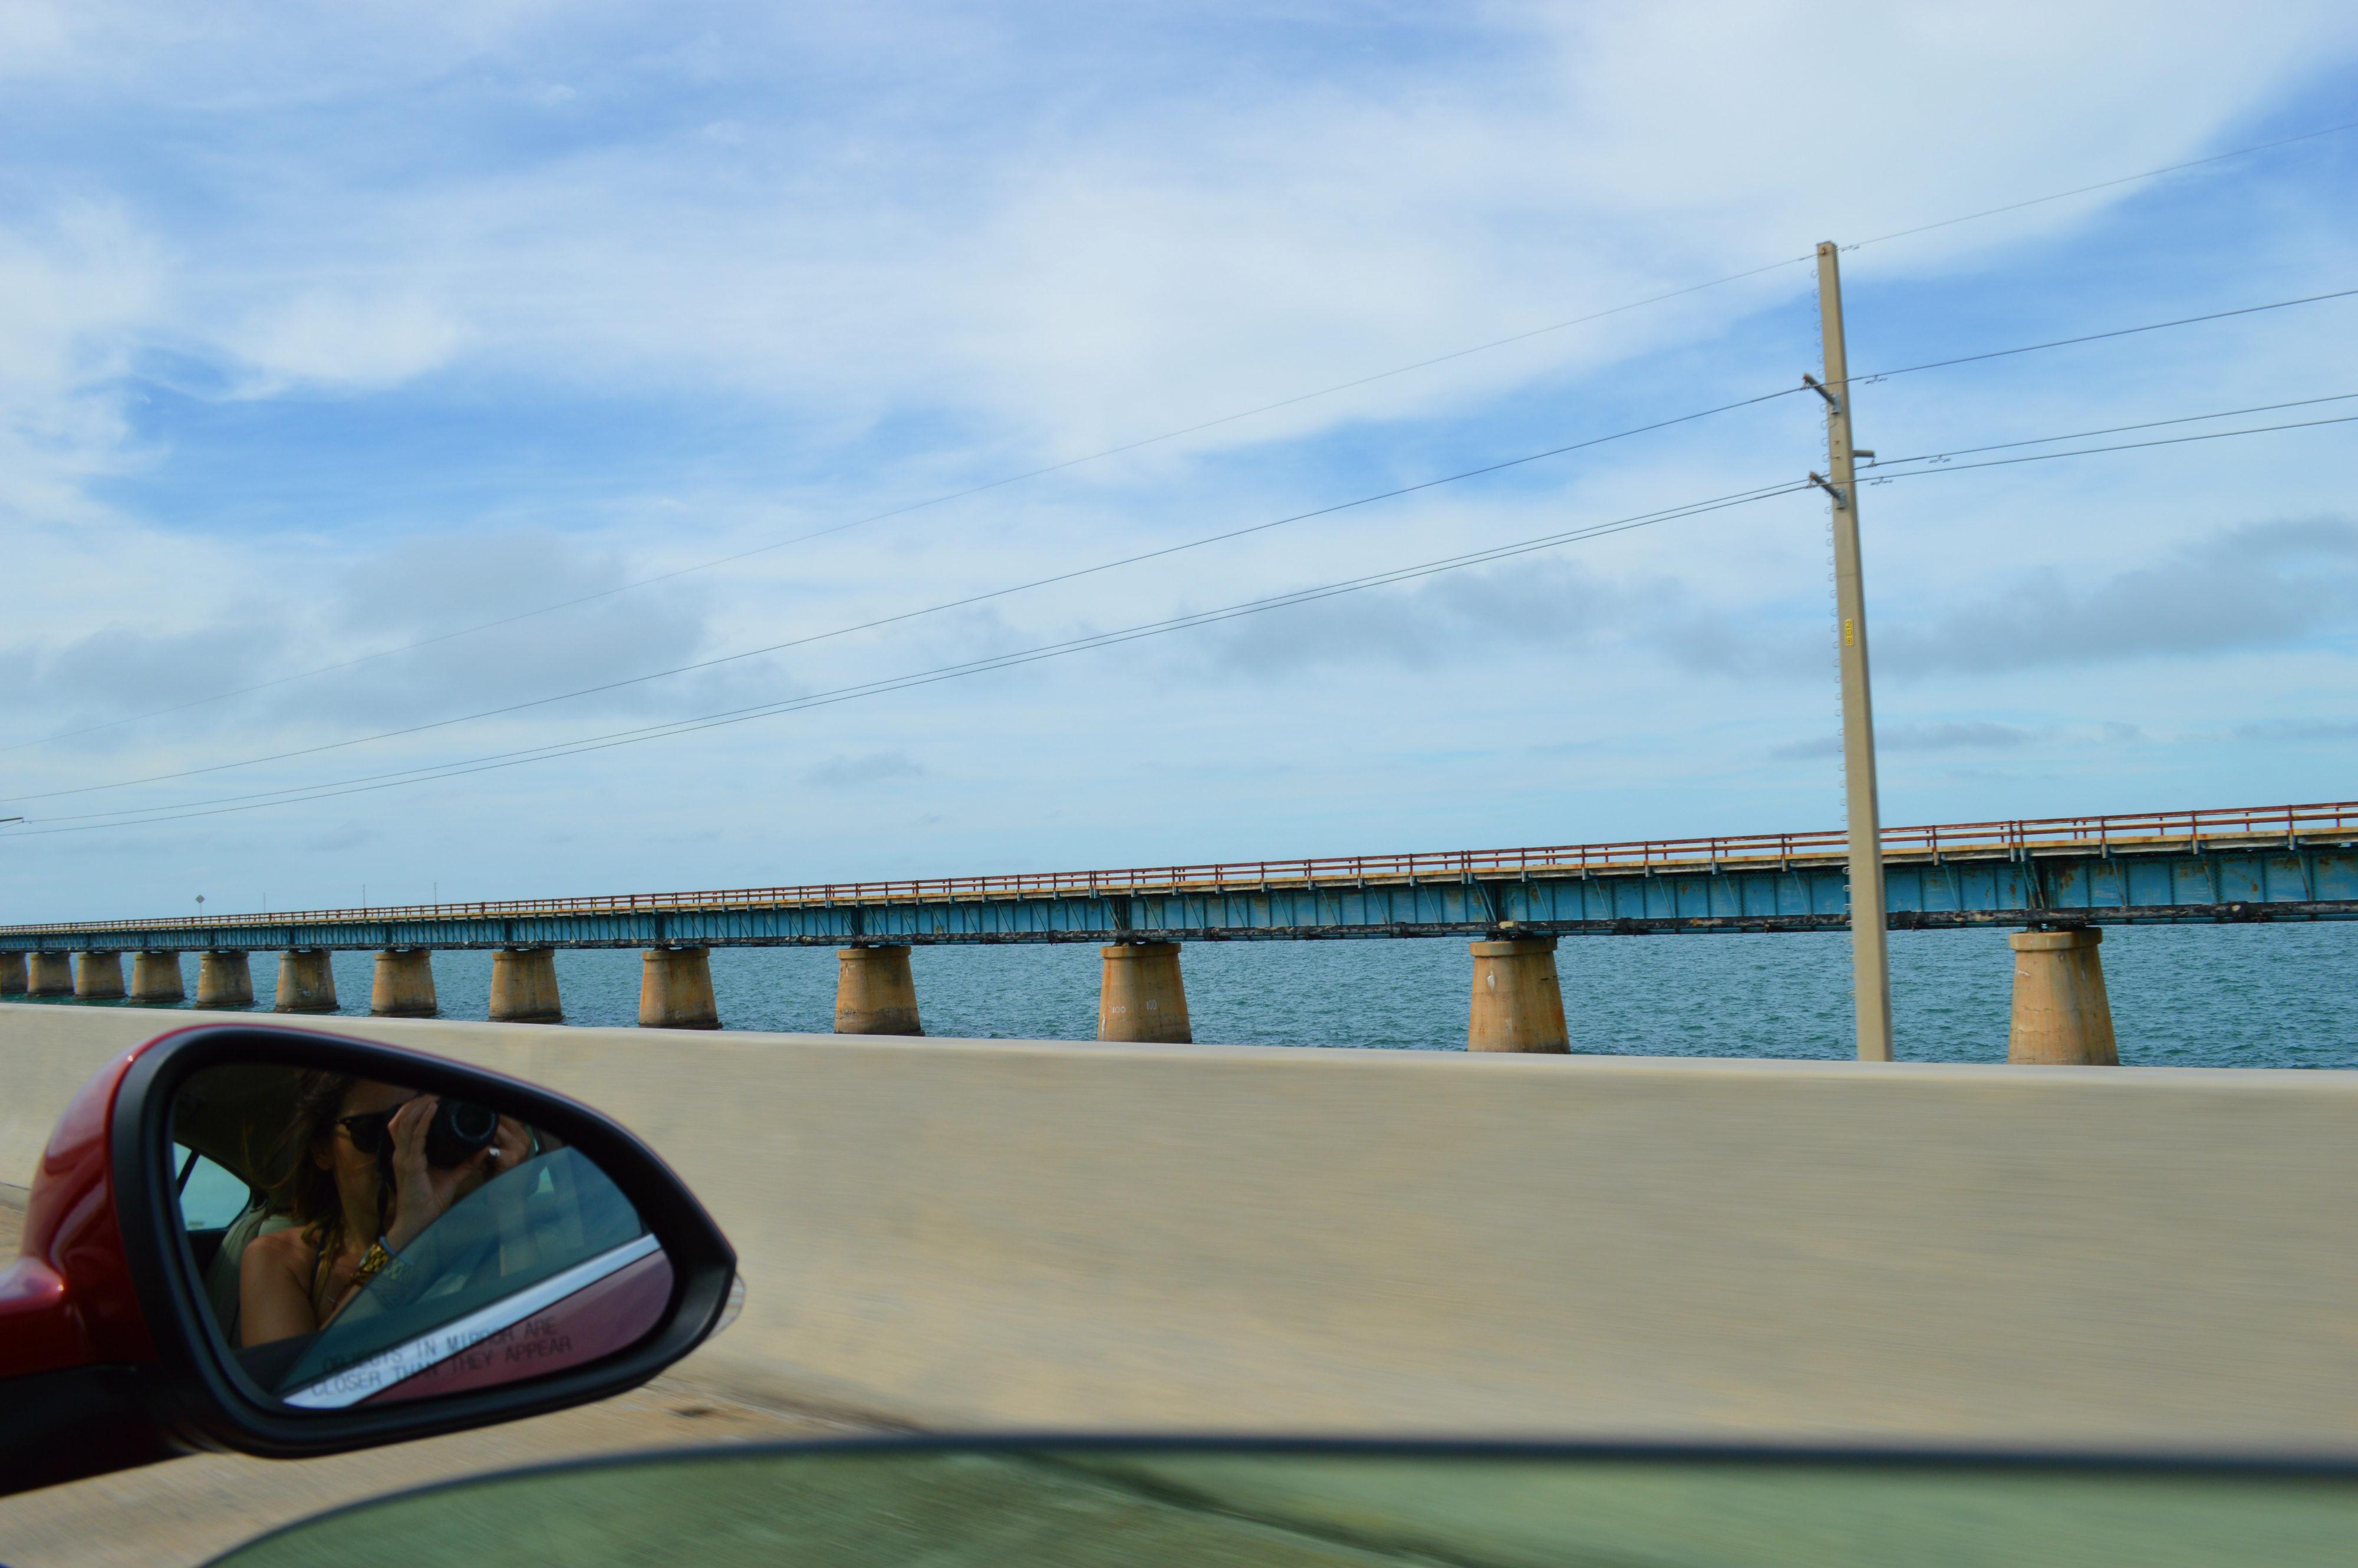 Keywest 7 miles bridge